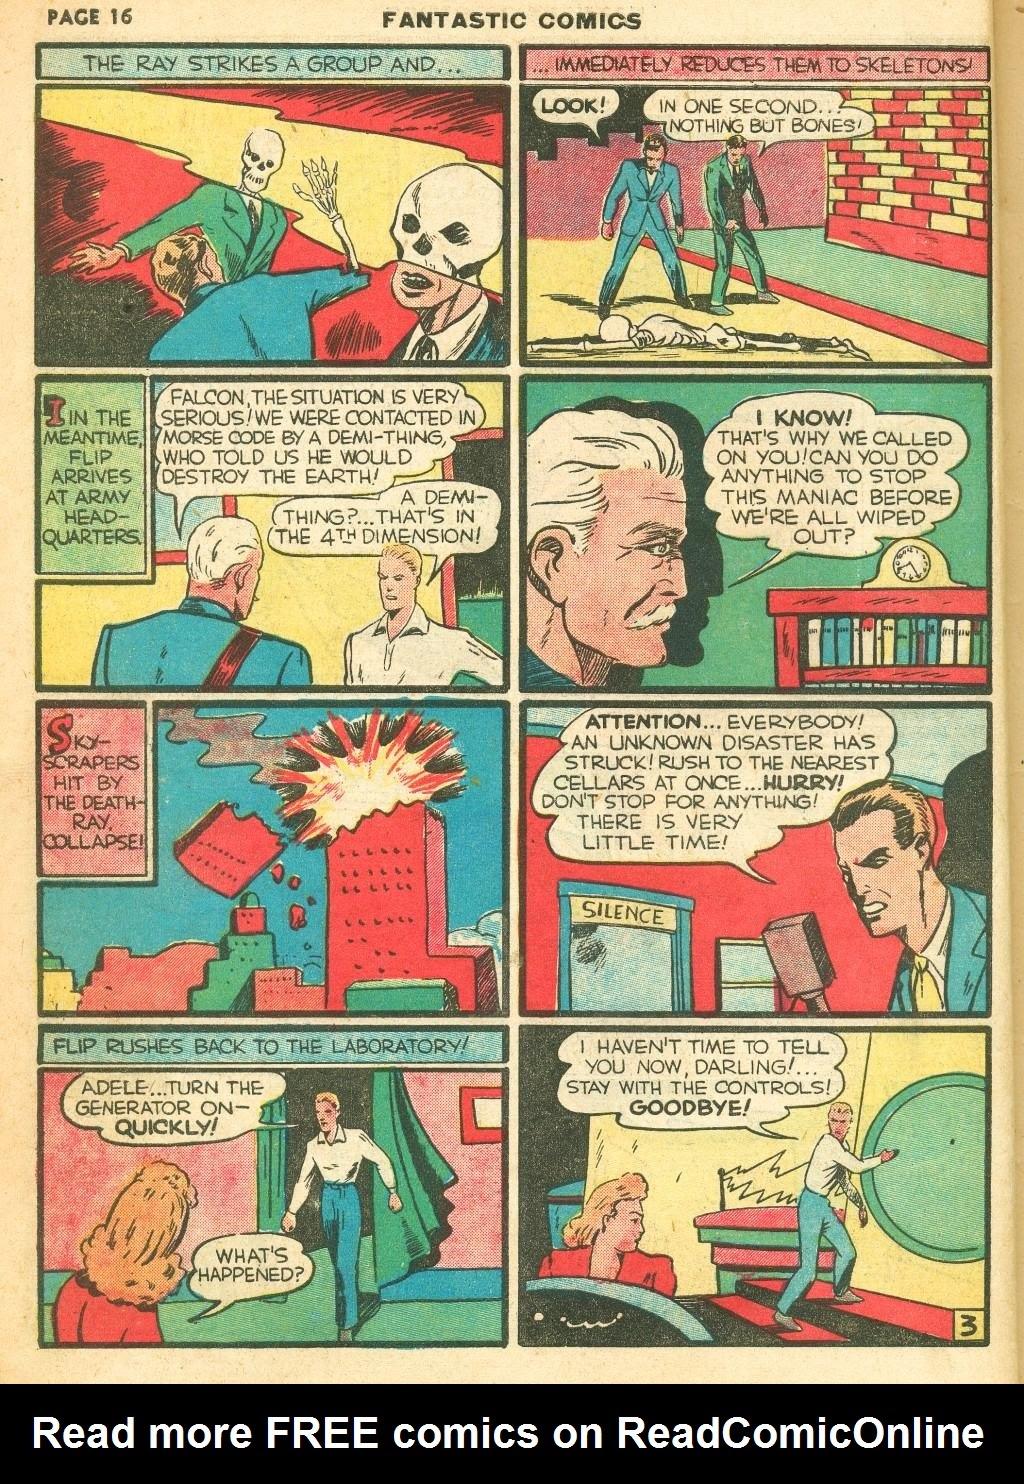 Read online Fantastic Comics comic -  Issue #12 - 18